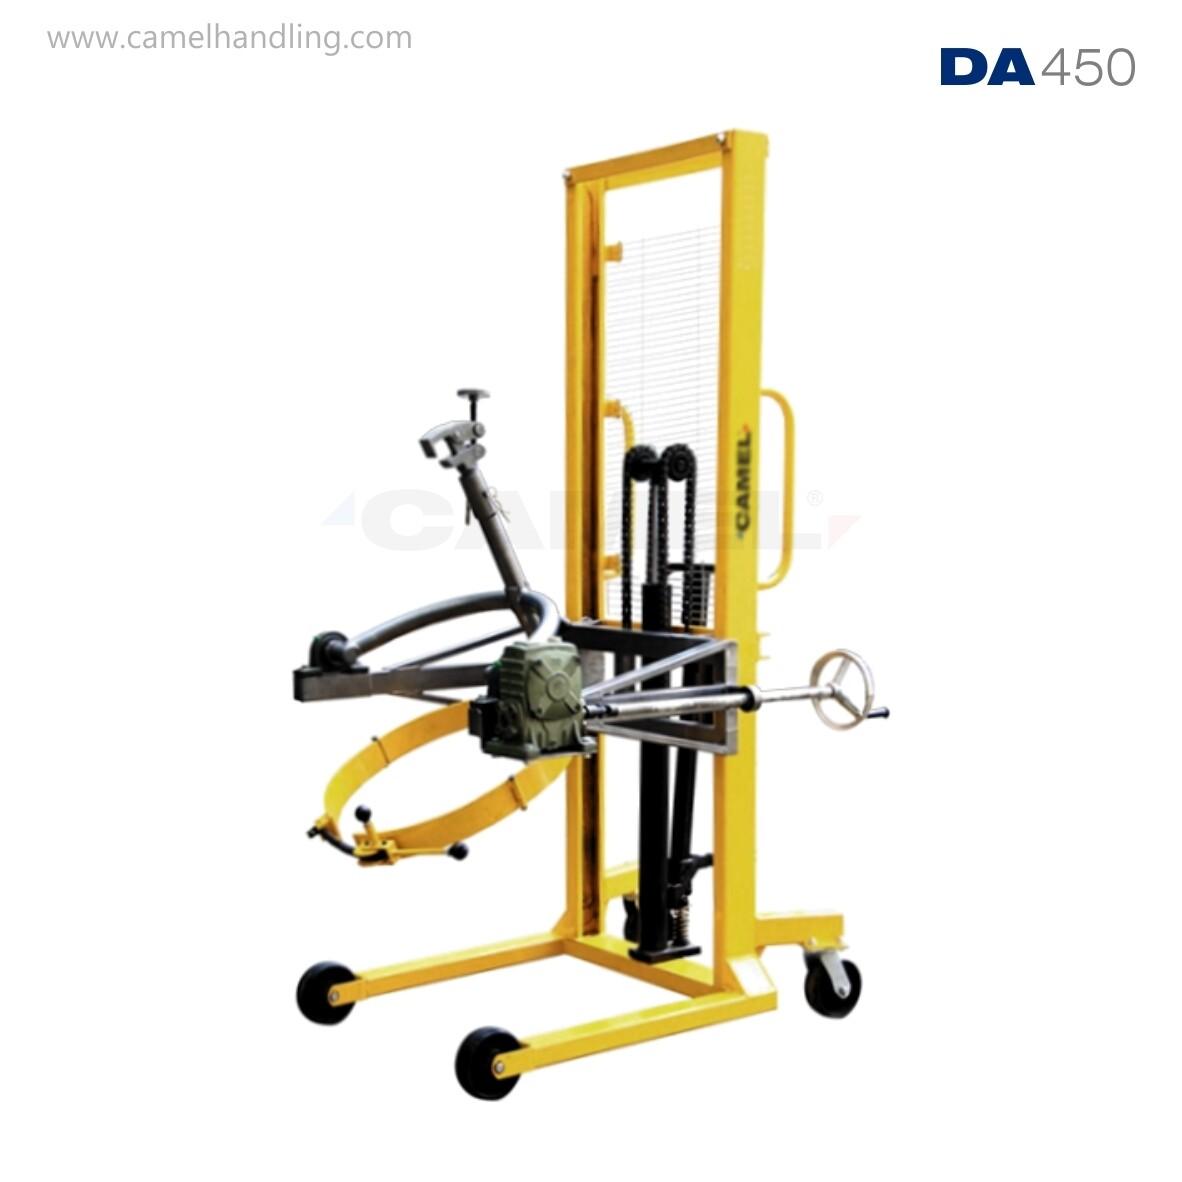 Drum Stacker DA450